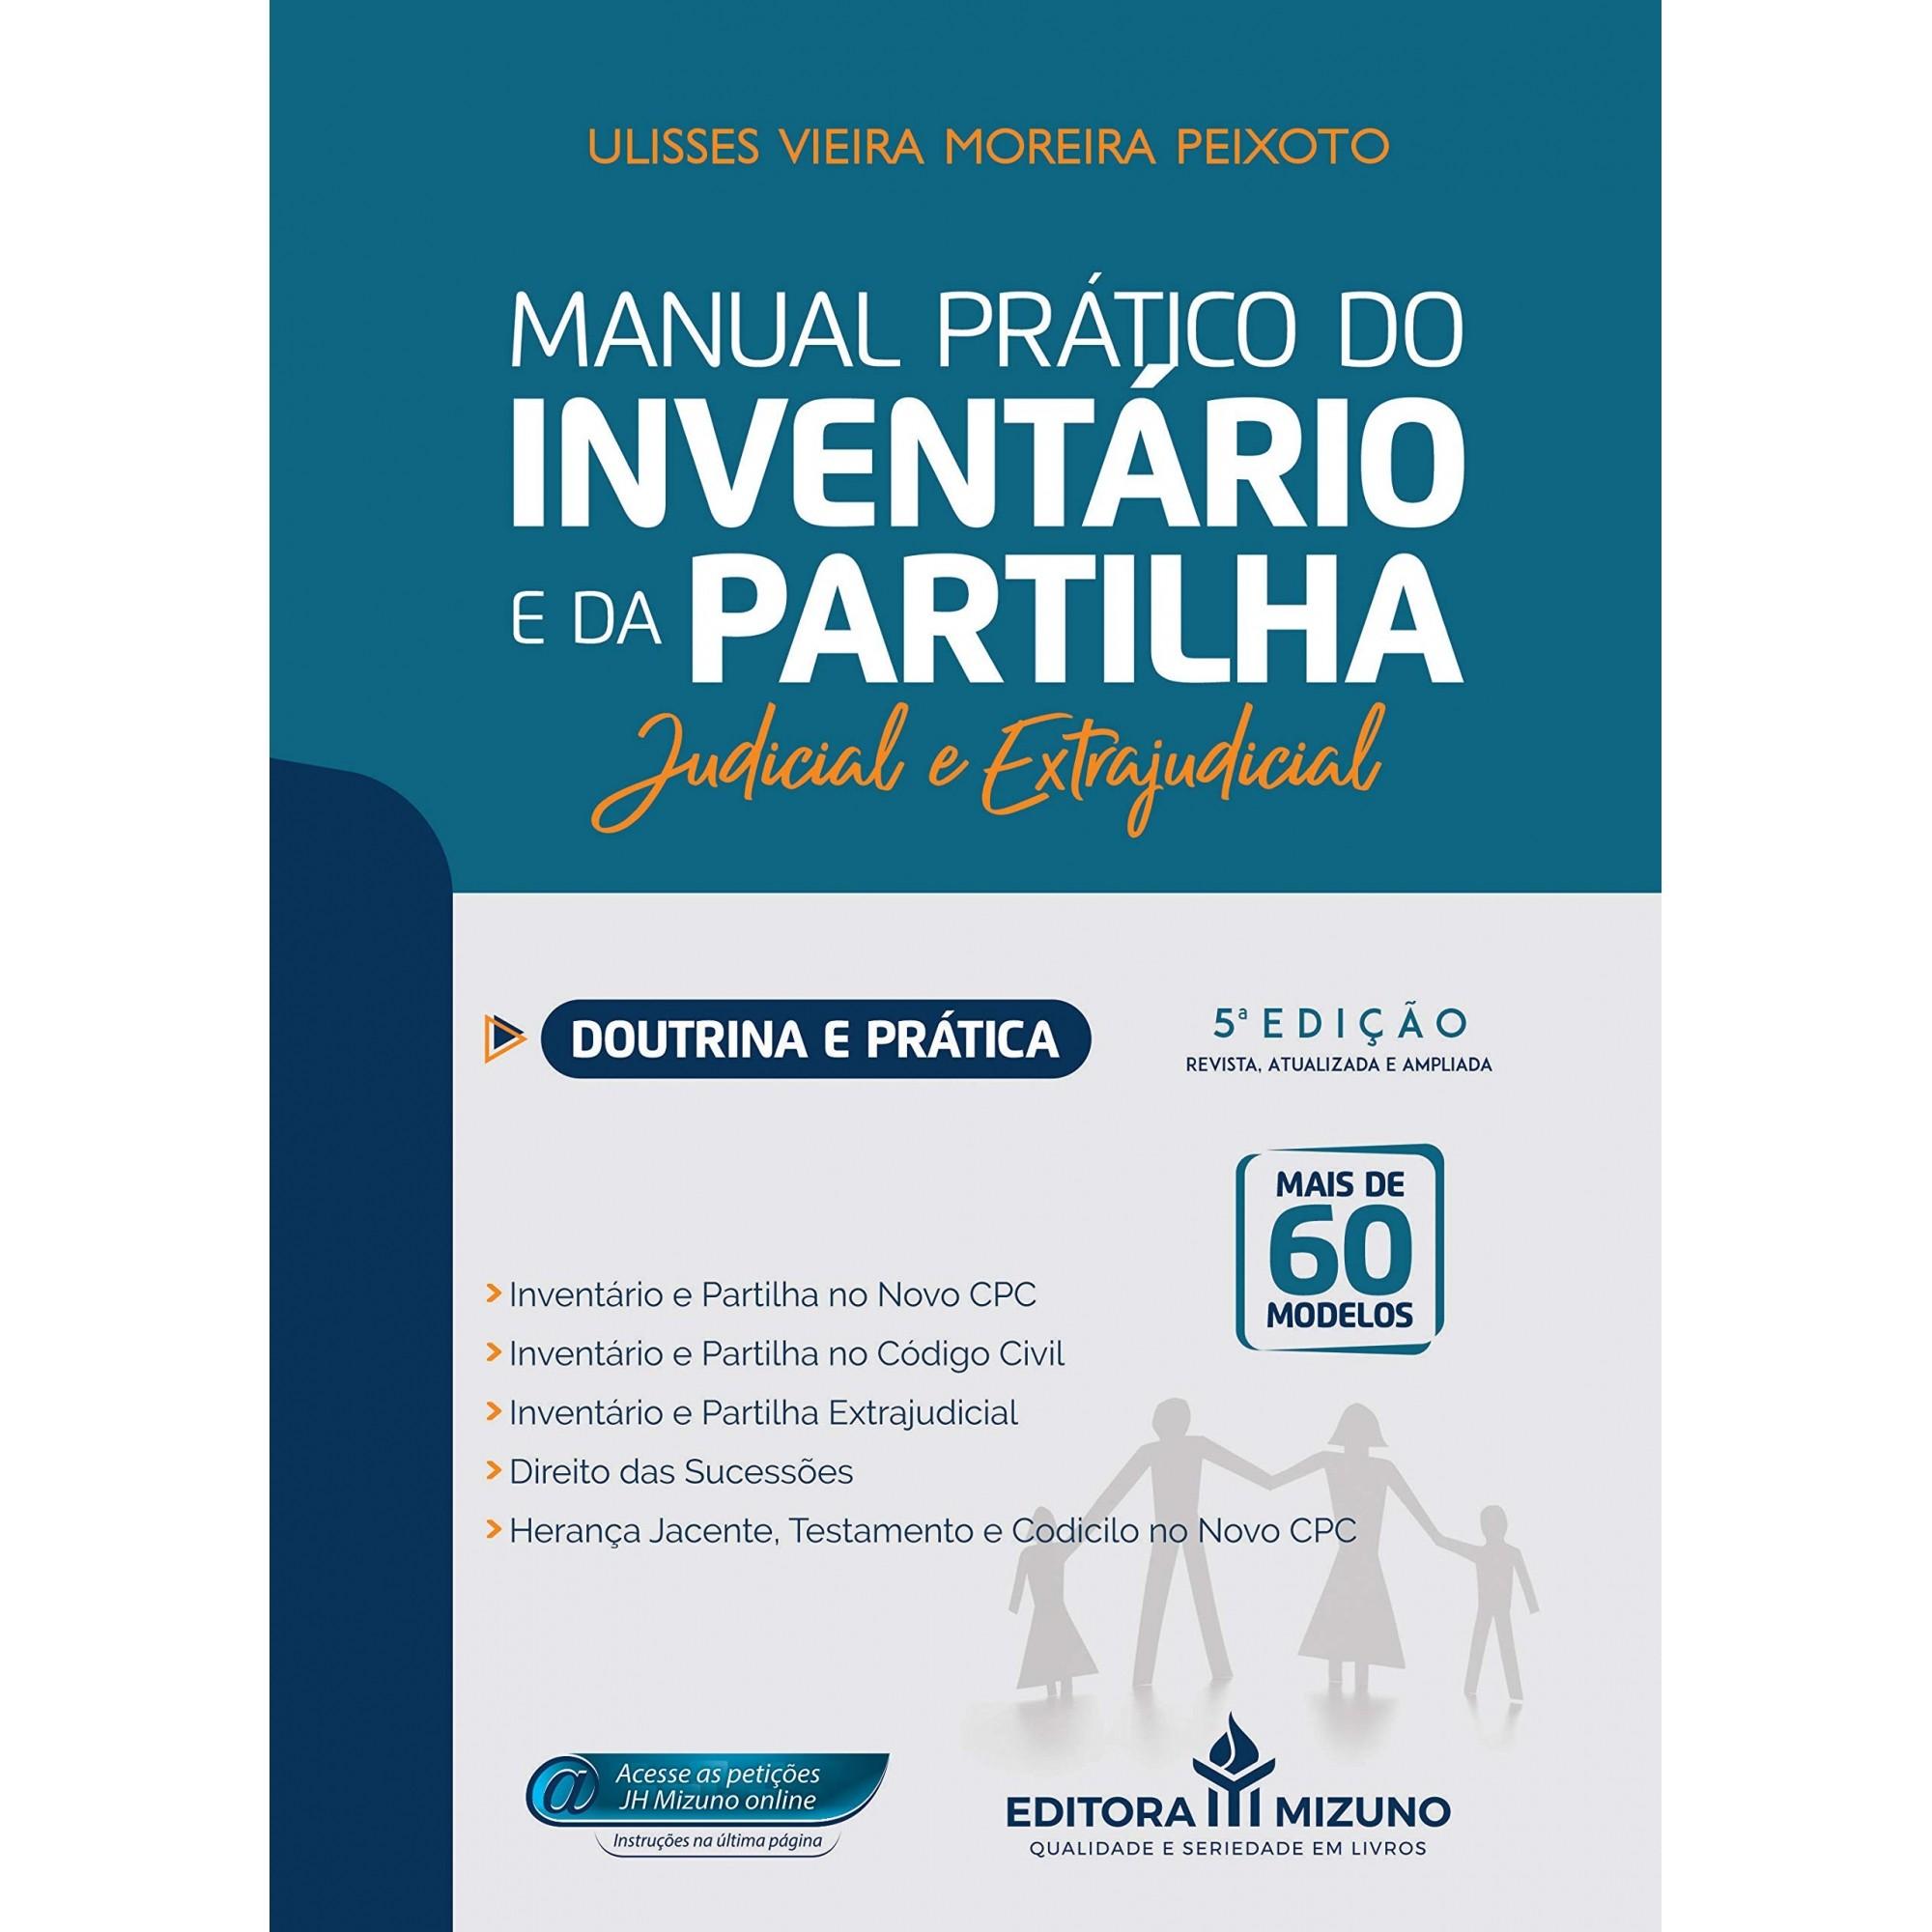 Manual Prático do Inventario e Patilha (Judicial e Extrajudicial Doutrina e Prática)